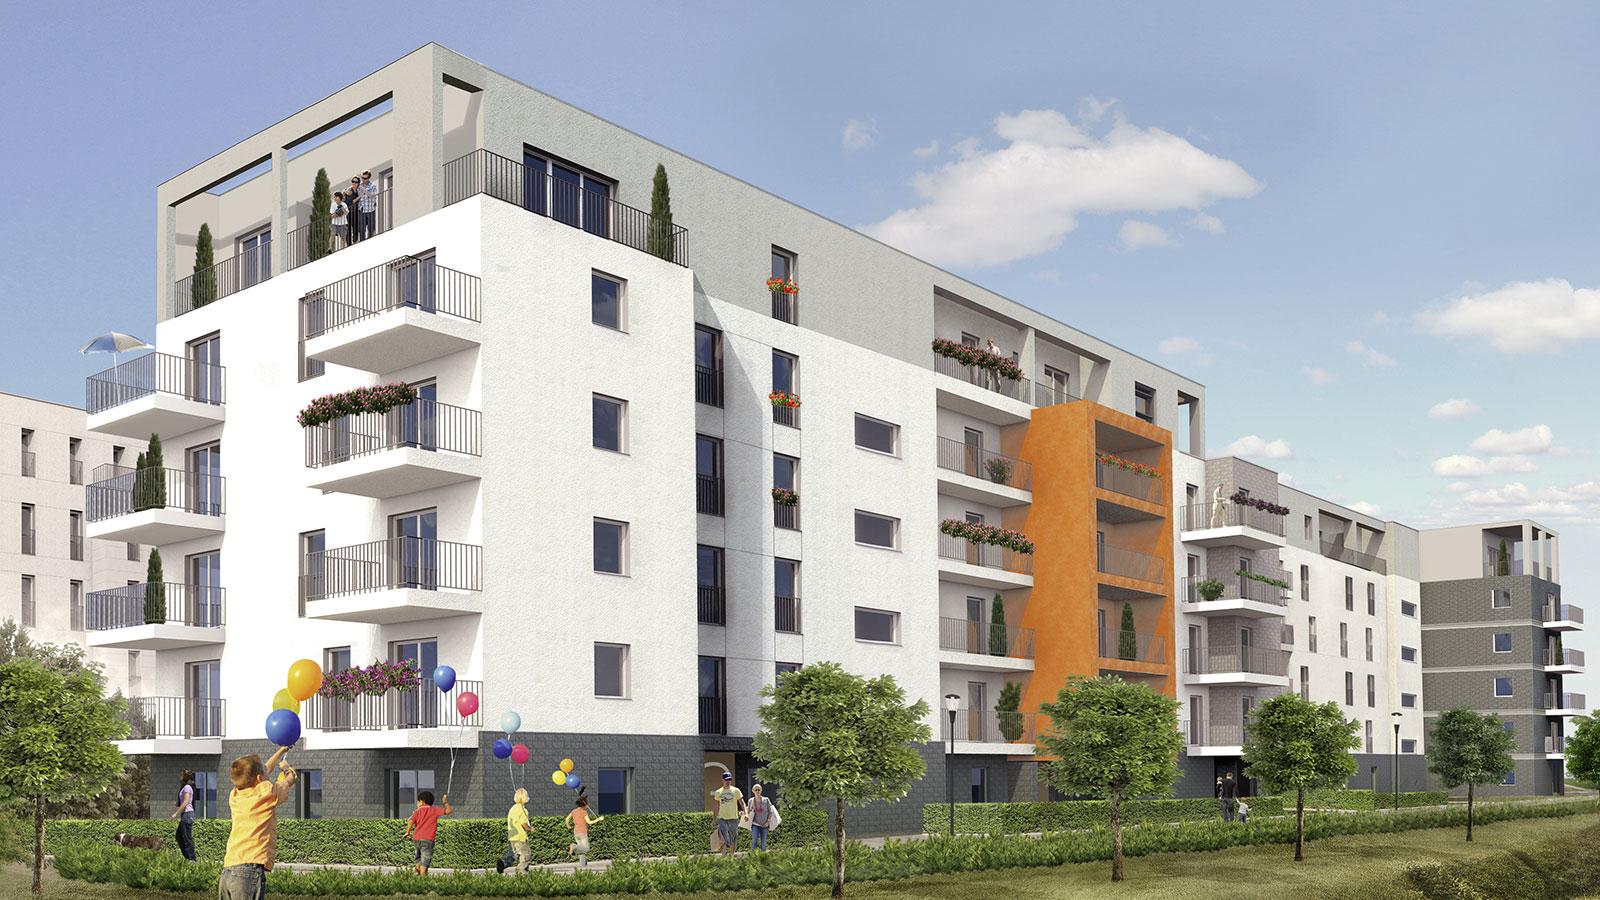 Kupno mieszkania na przedmieściach - wady i zalety